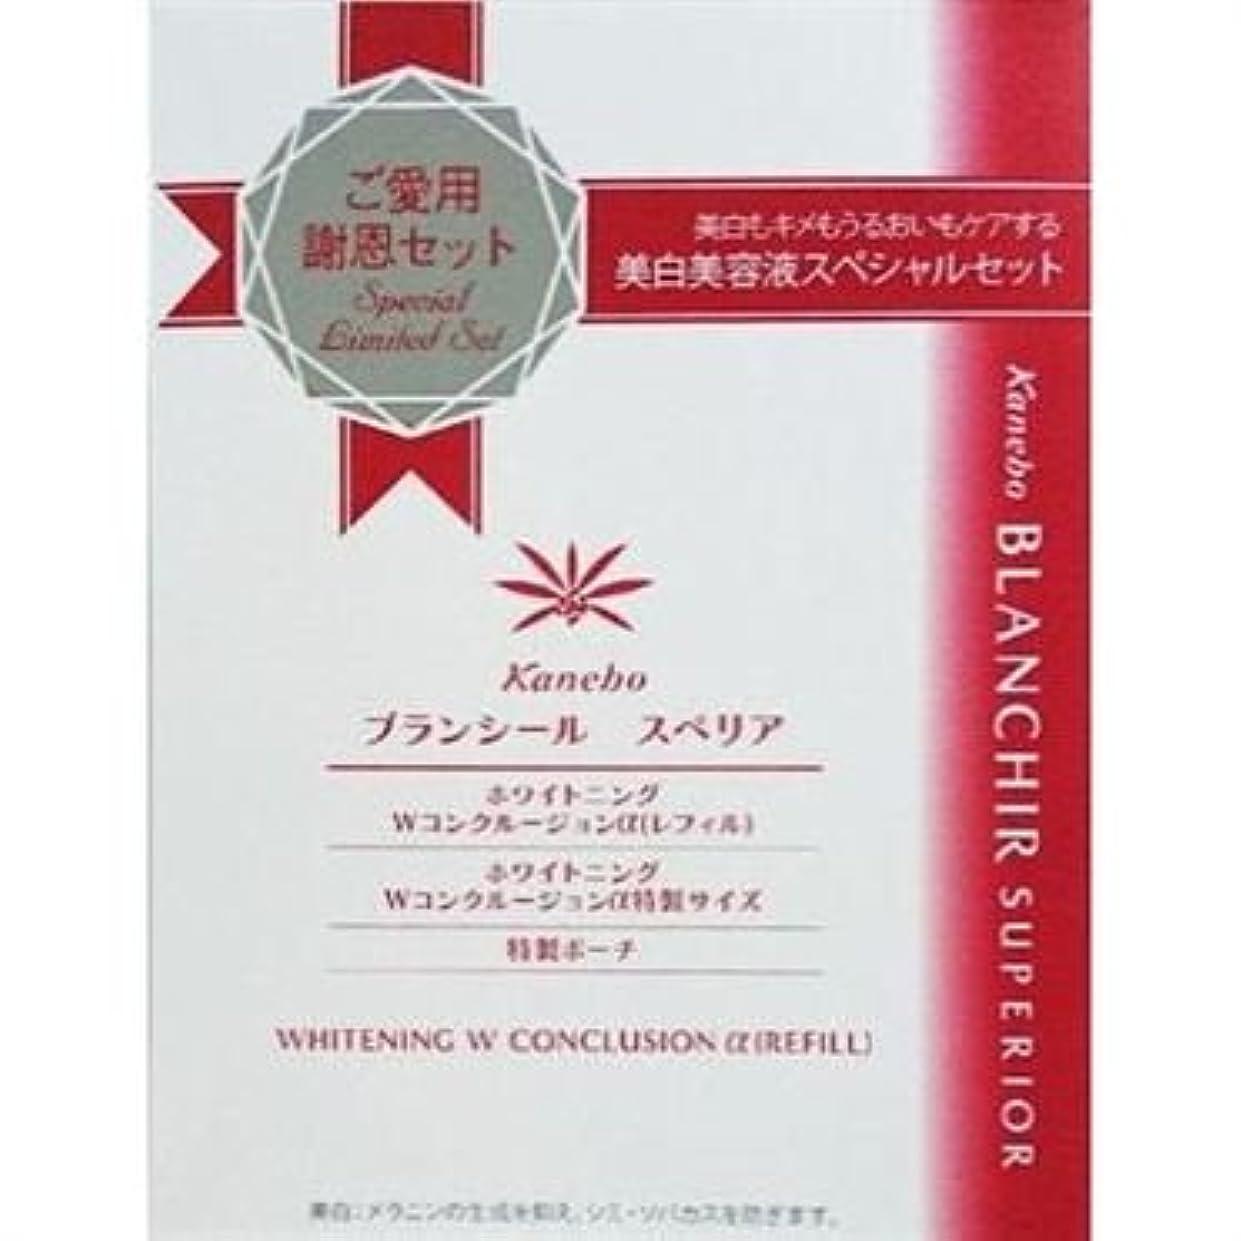 カーテン有利味限定版 カネボウ ブランシール スペリア ホワイトニング Wコンクルージョンa(レフィル)セットⅢ